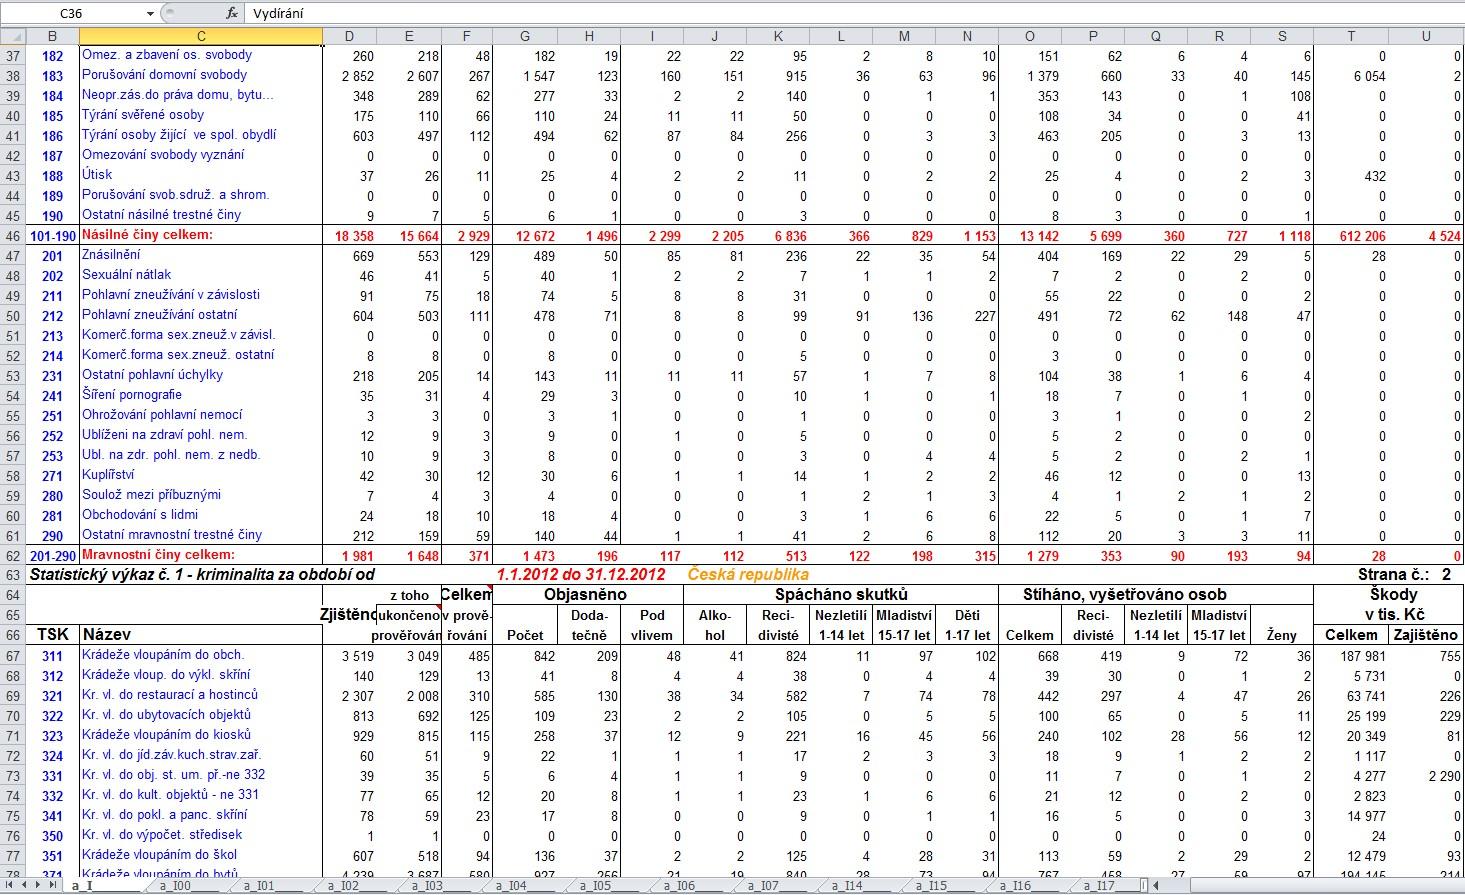 Policejní data v Excelu